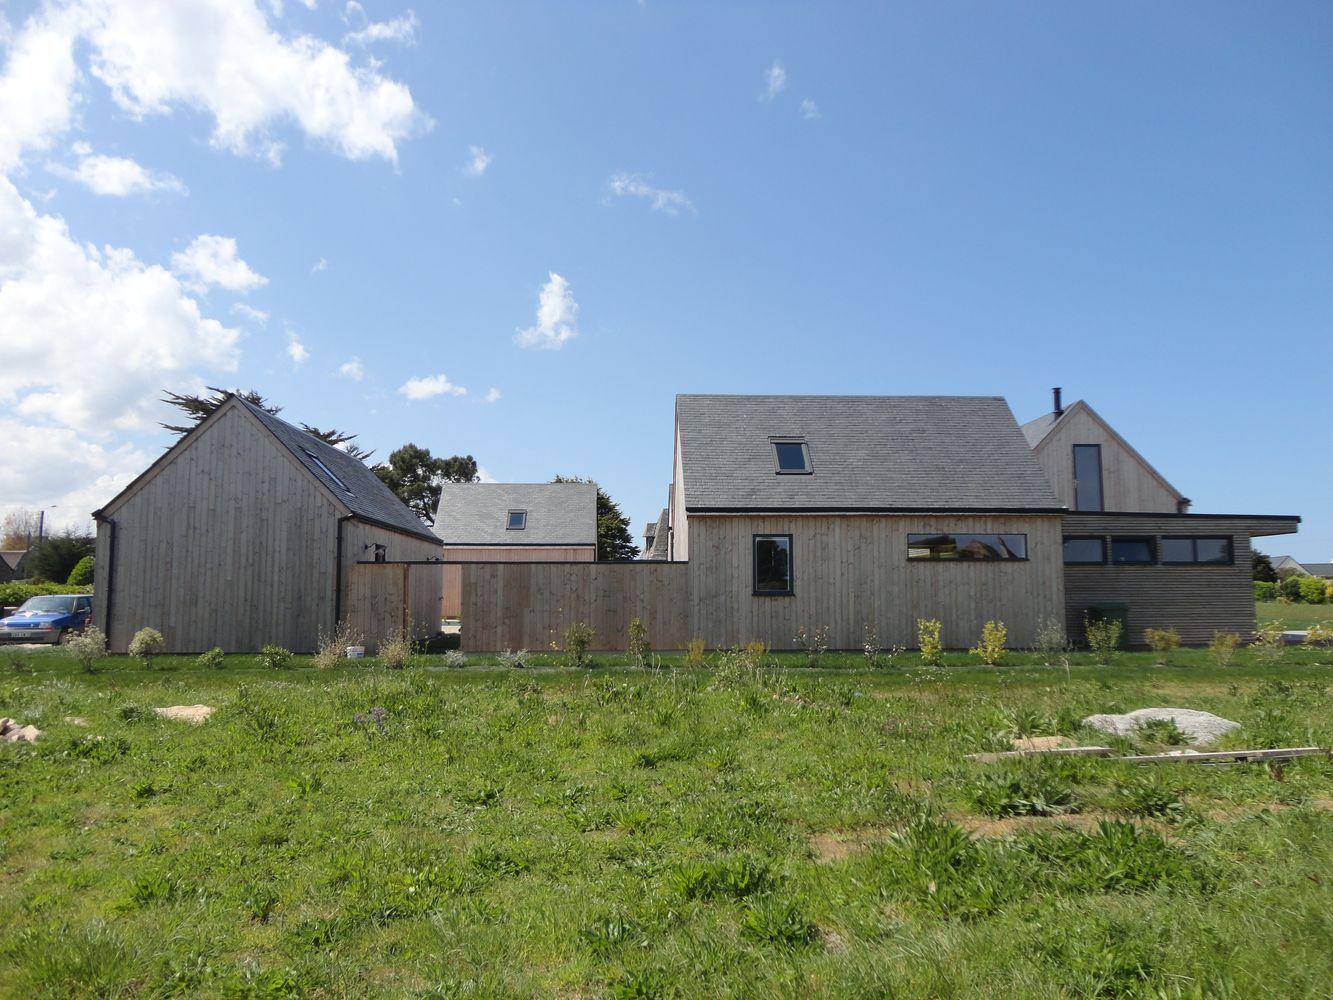 Maison Ossature Bois Finistere - Maison ossature boisà Brignogan pr u00e8s de Morlaix en Finist u00e8re, Bretagne